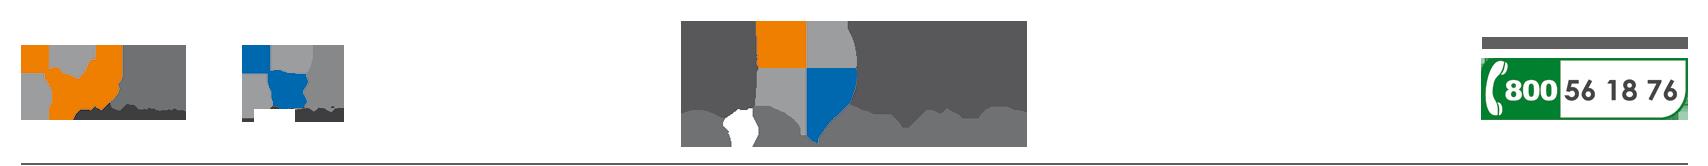 Doria Group – Infissi Pvc – Alluminio – Acciaio – Legno – Costruzioni Metalliche – Porte – Finestre – Box Cavalli – Catanzaro – Calabria